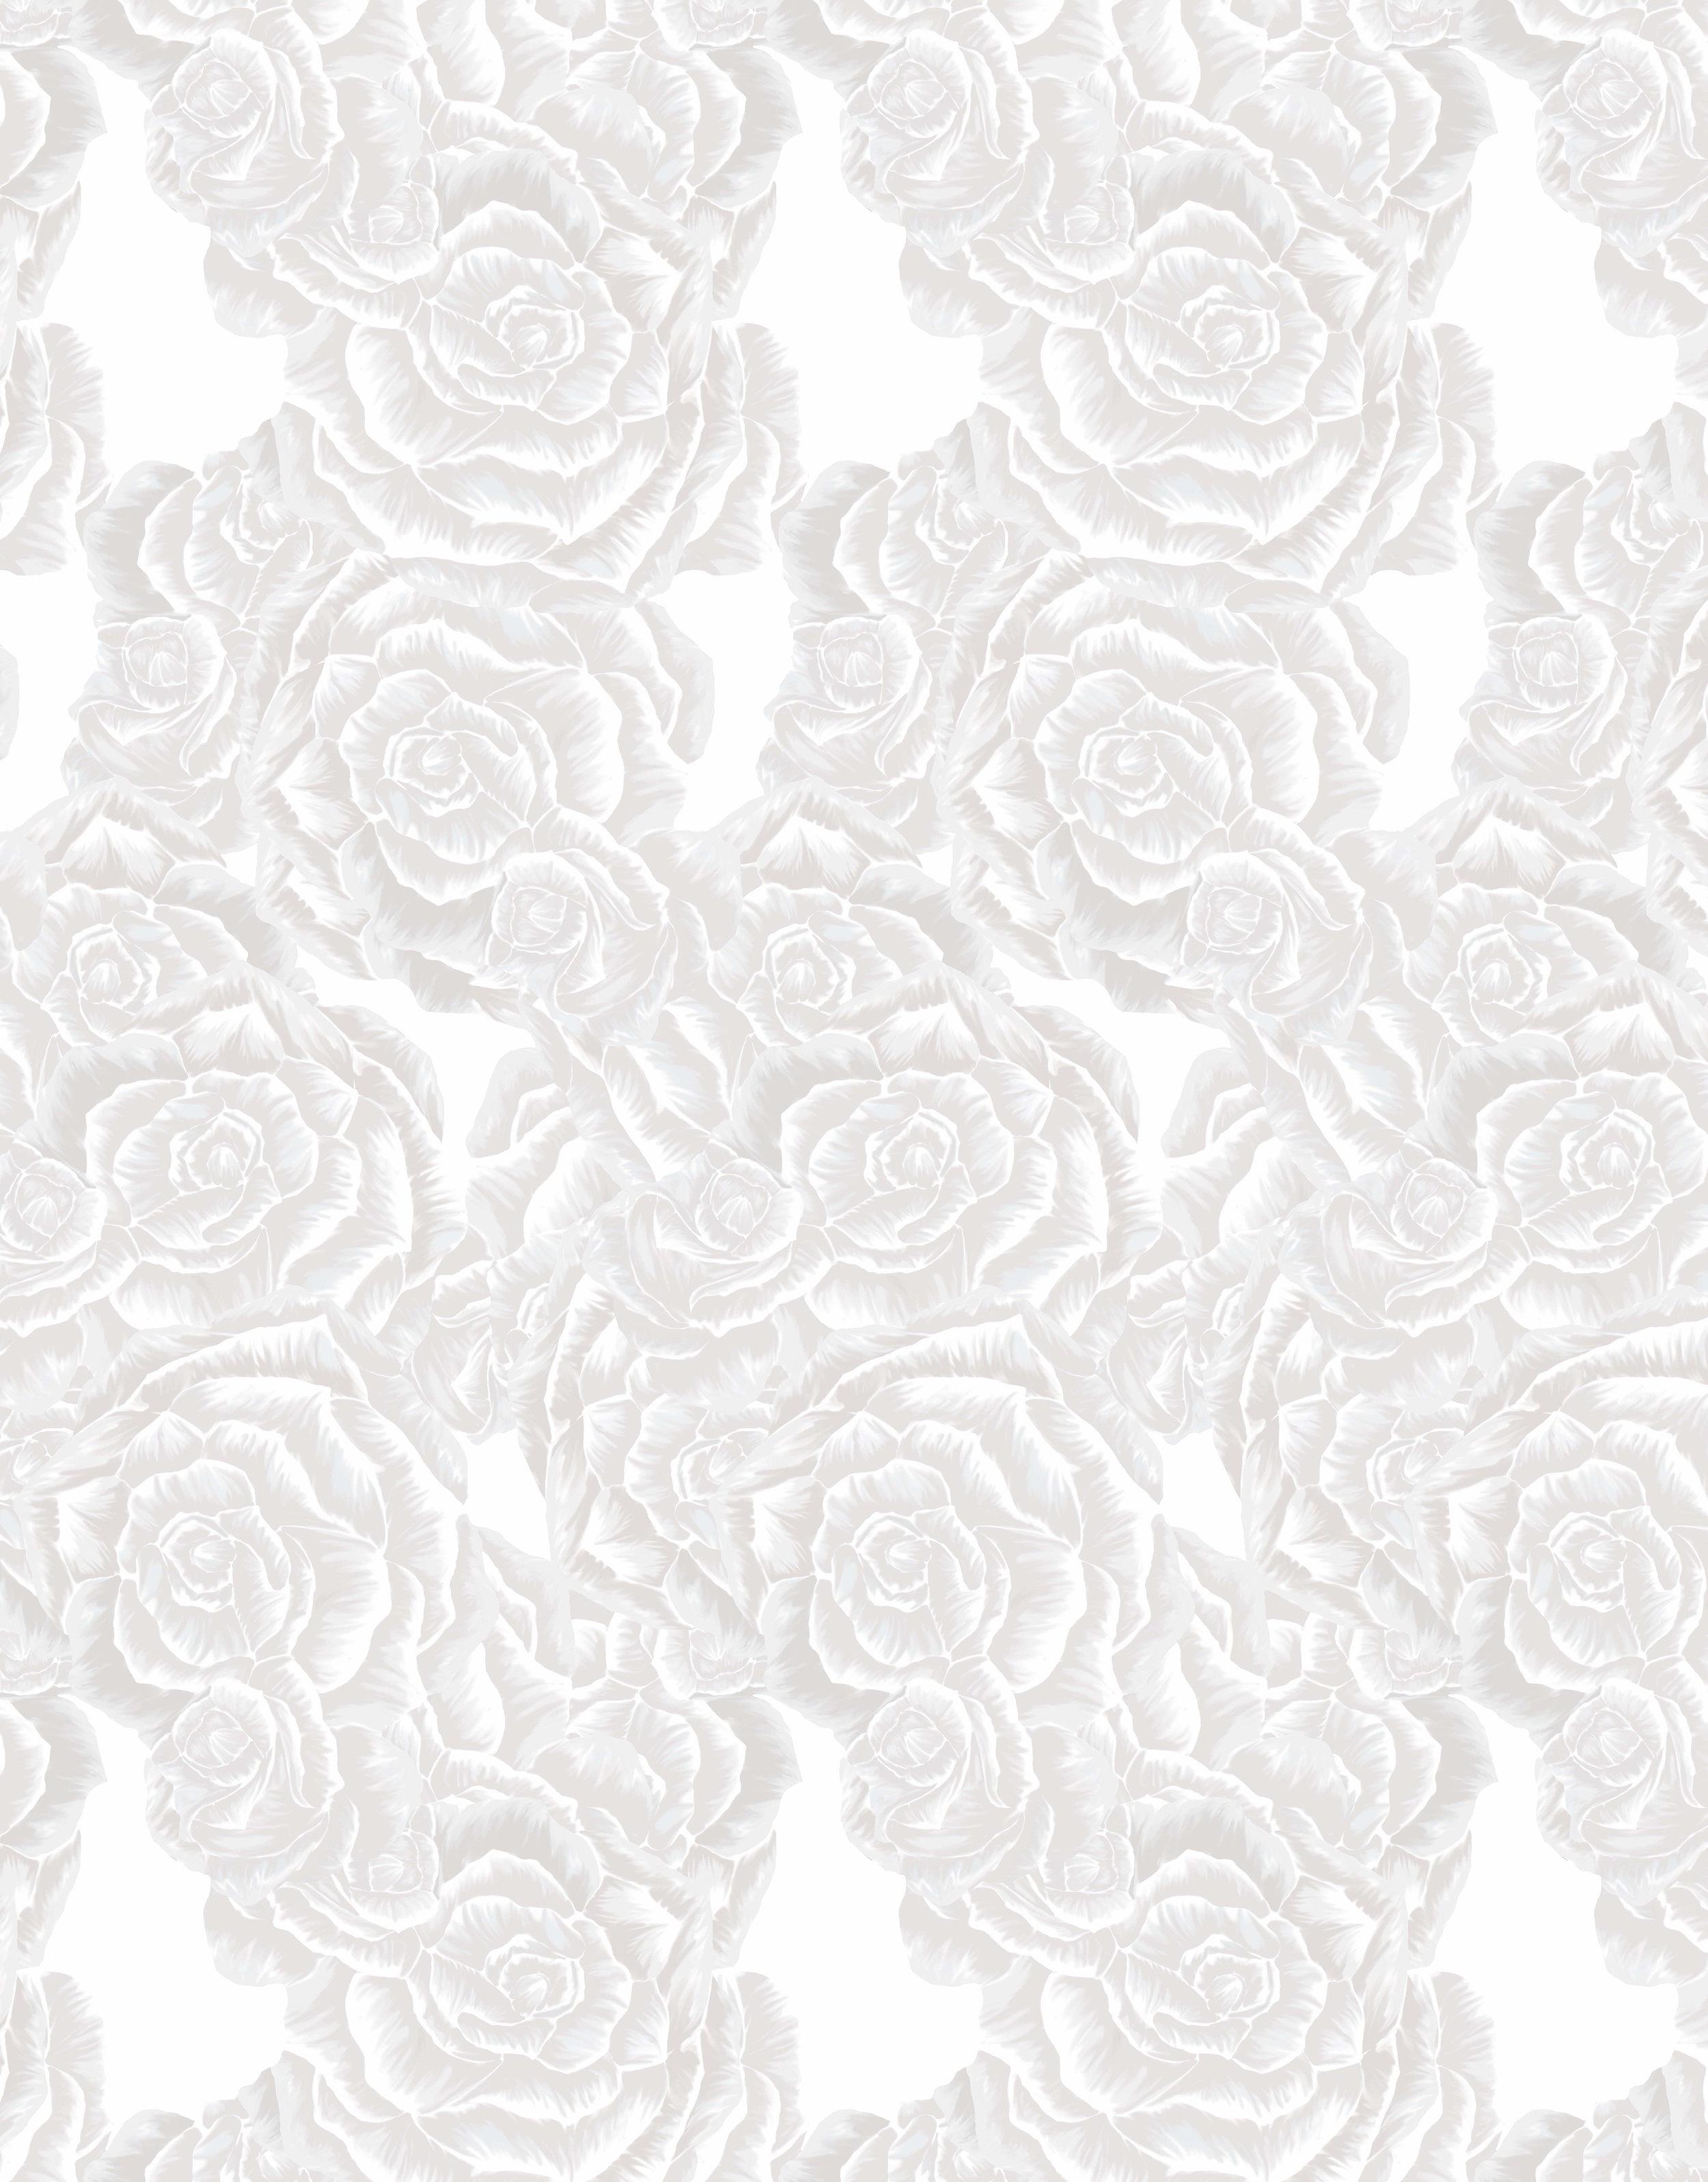 CandiceKayeDesign_it'sArose_White.jpg